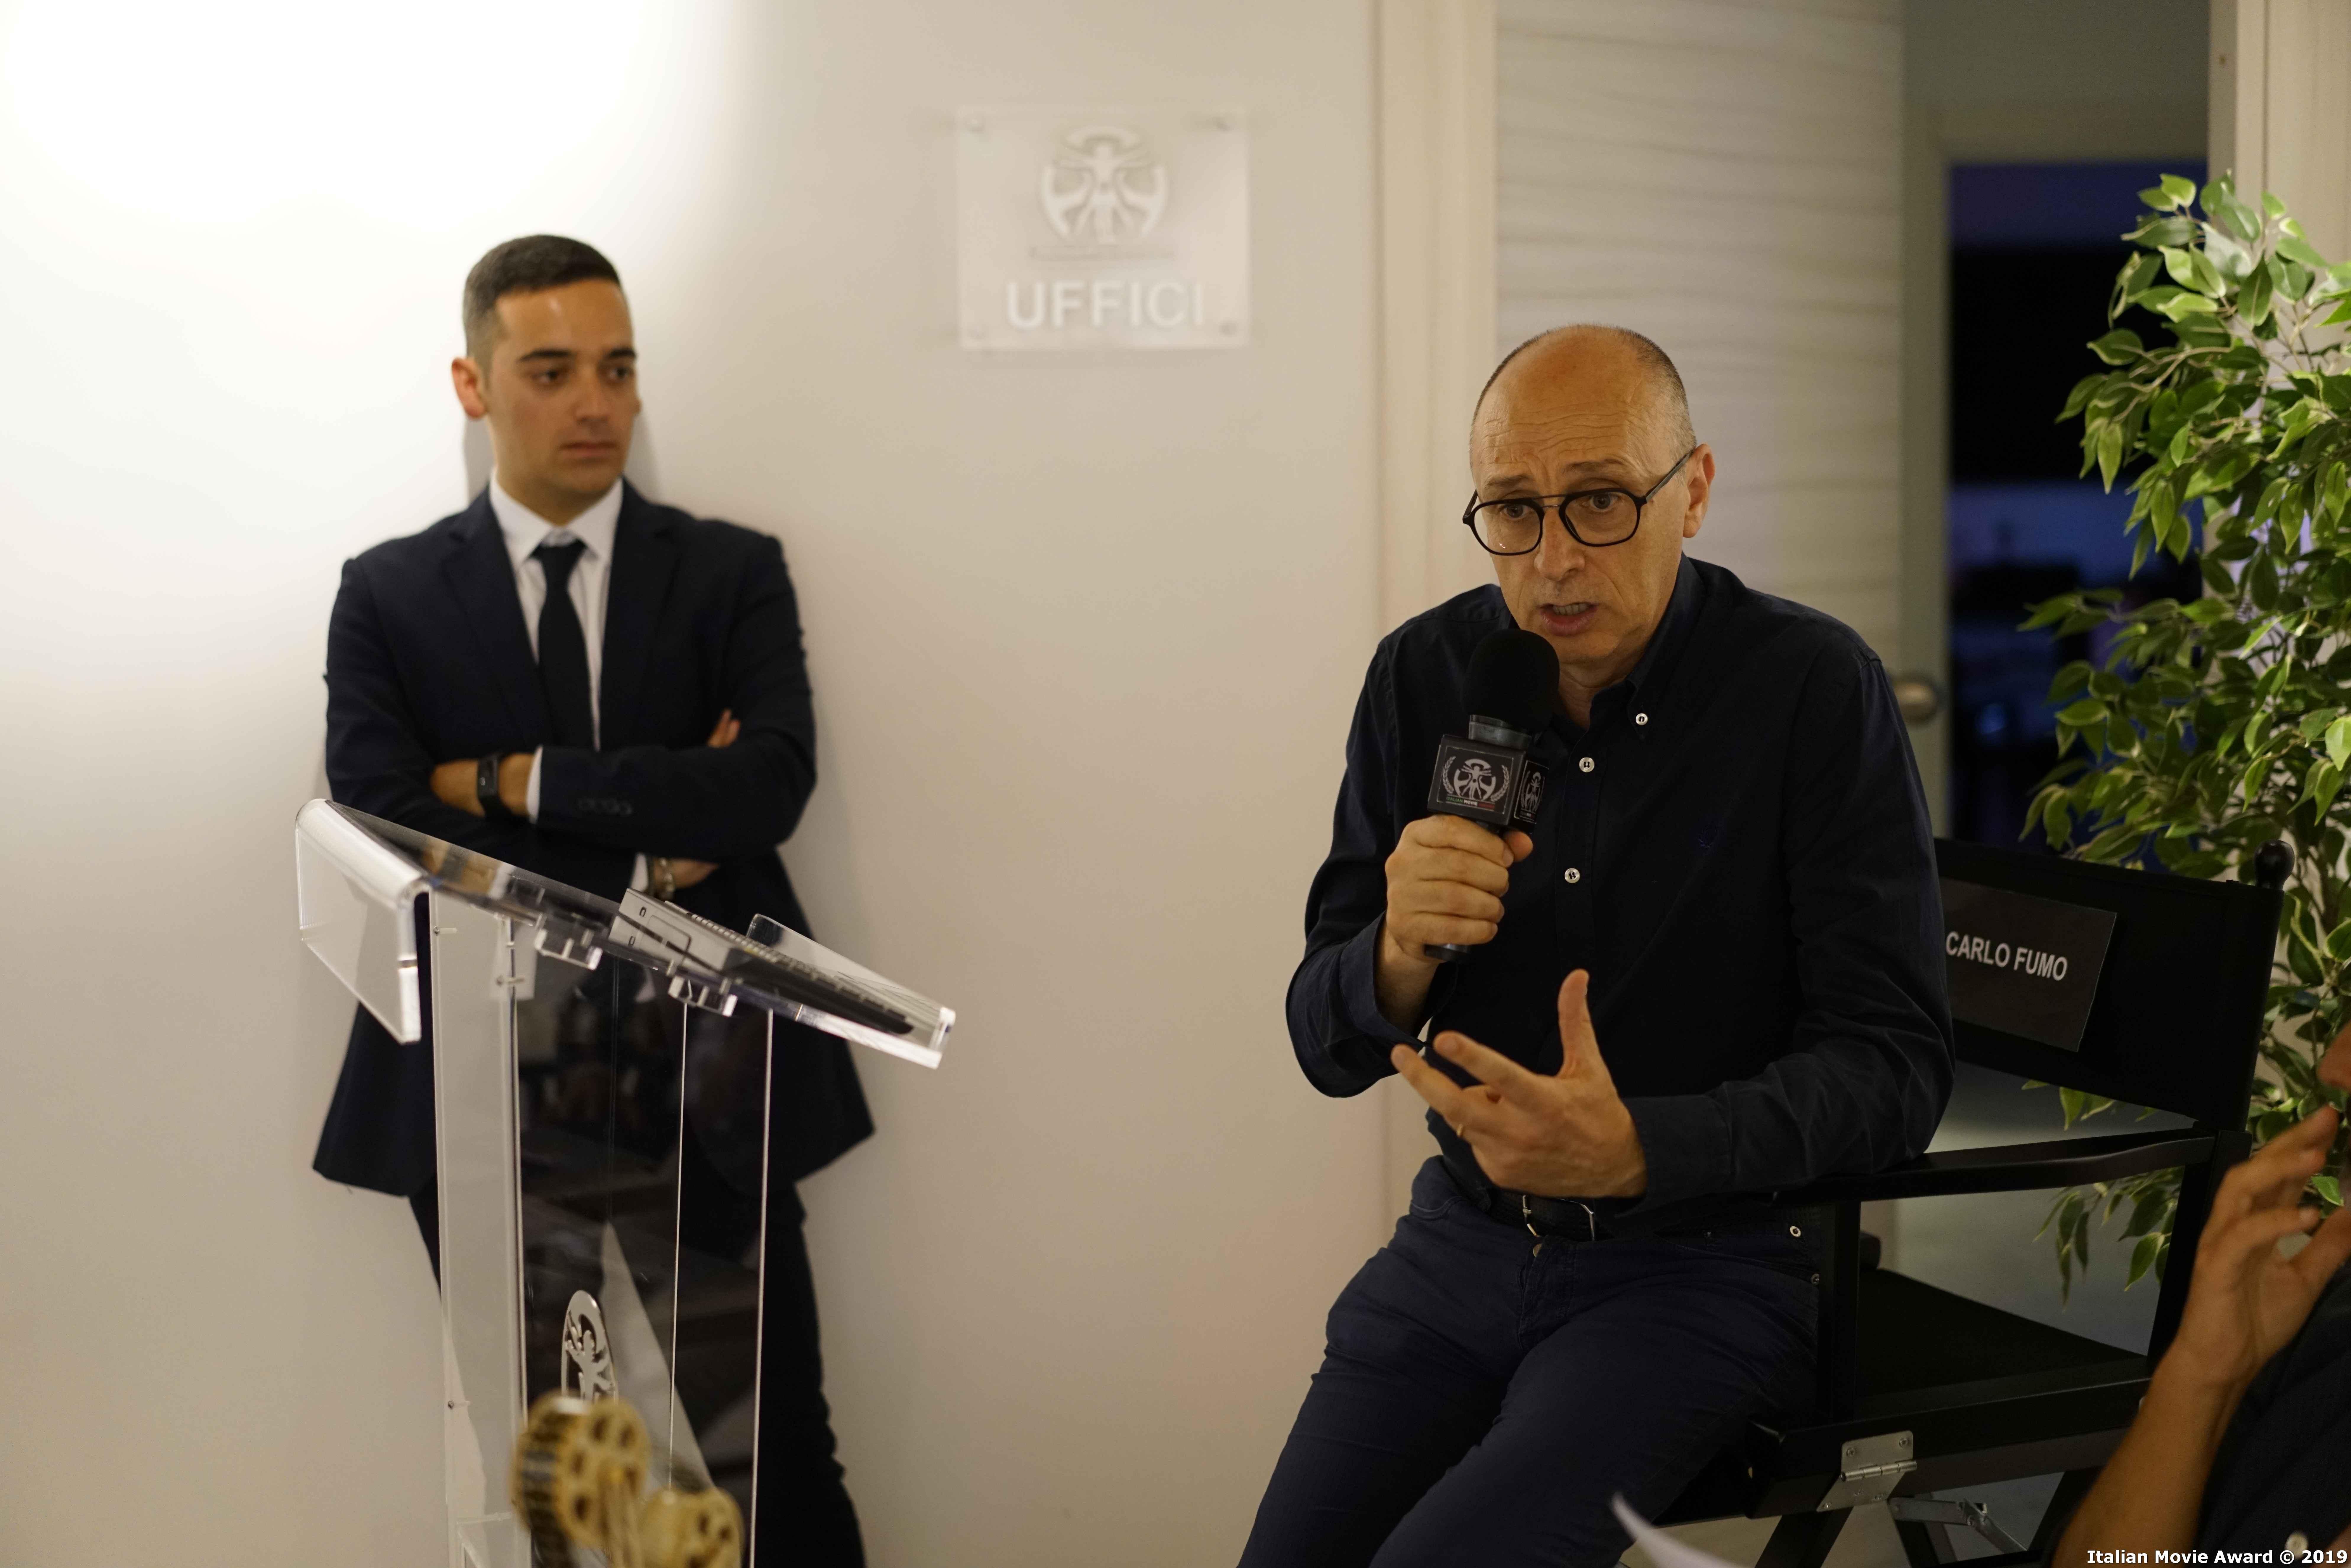 italian_movie_award_2019_conferenza_1_35